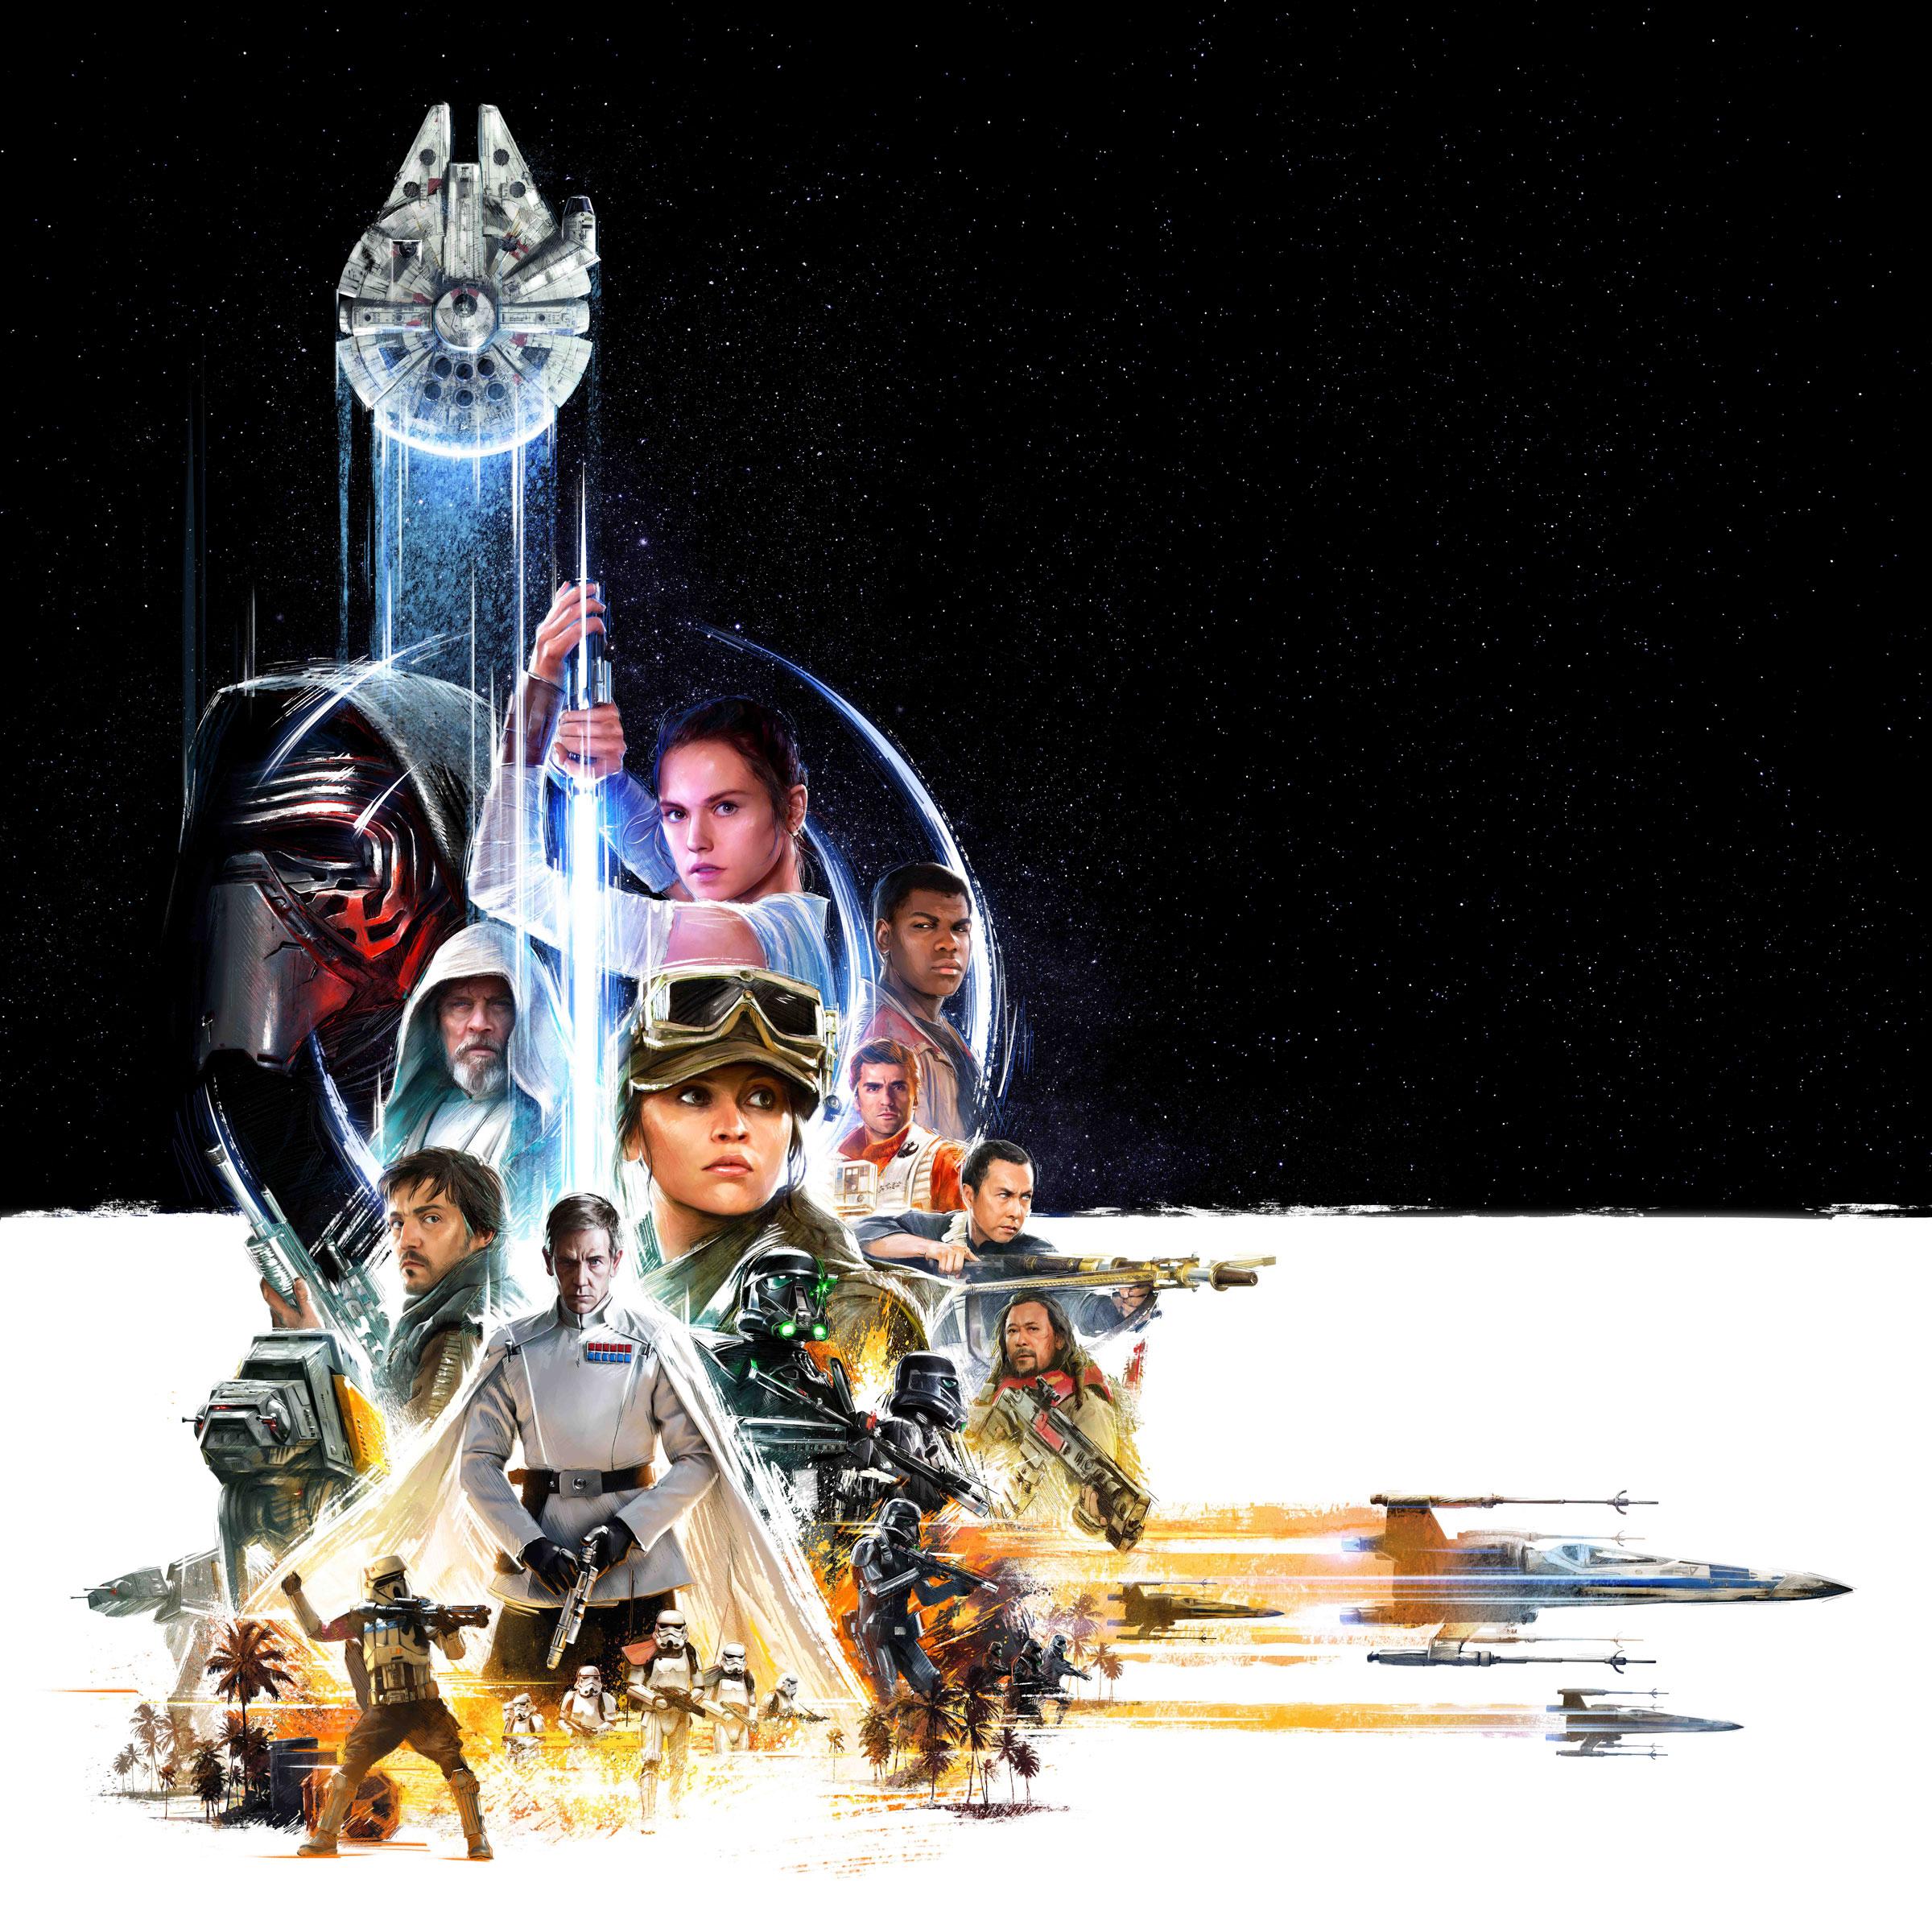 star wars celebration 2016 key artwork poster hi res milners blog